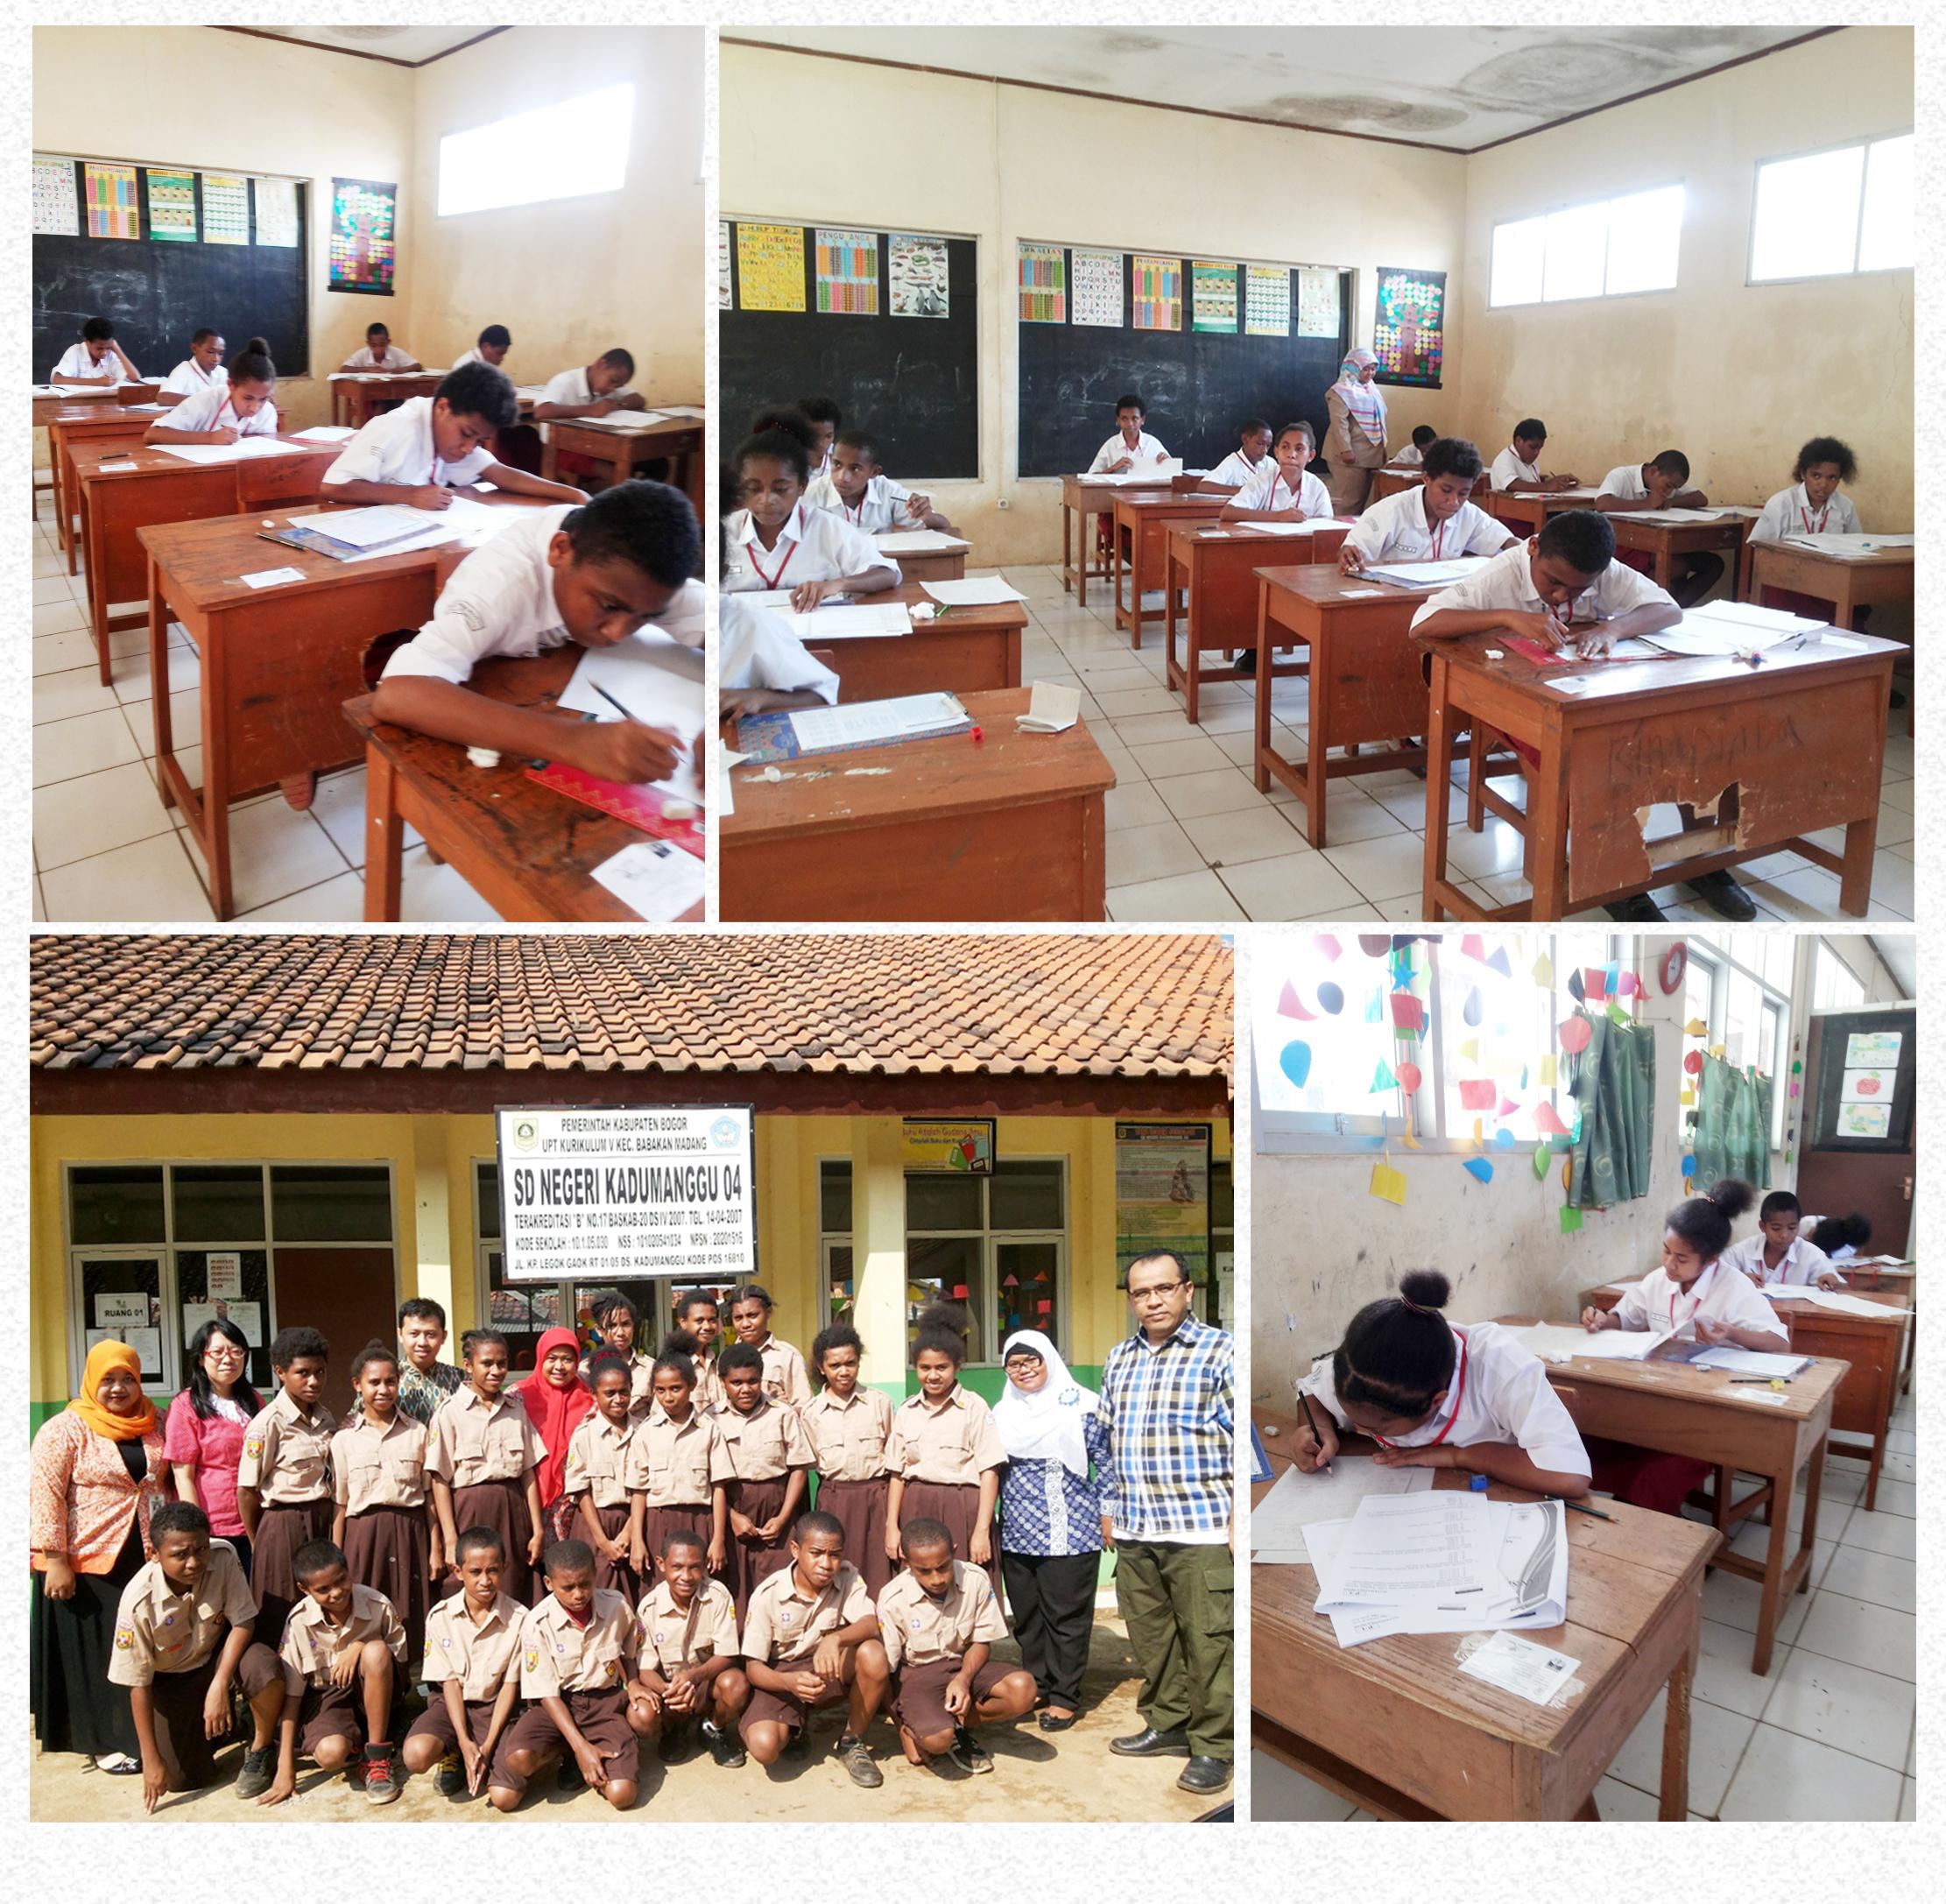 ujiannasional_ujianpapua_anakindonesia_anakpapua_sai_sekolahanakindonesia_Papuahebat_pendidikanpapua